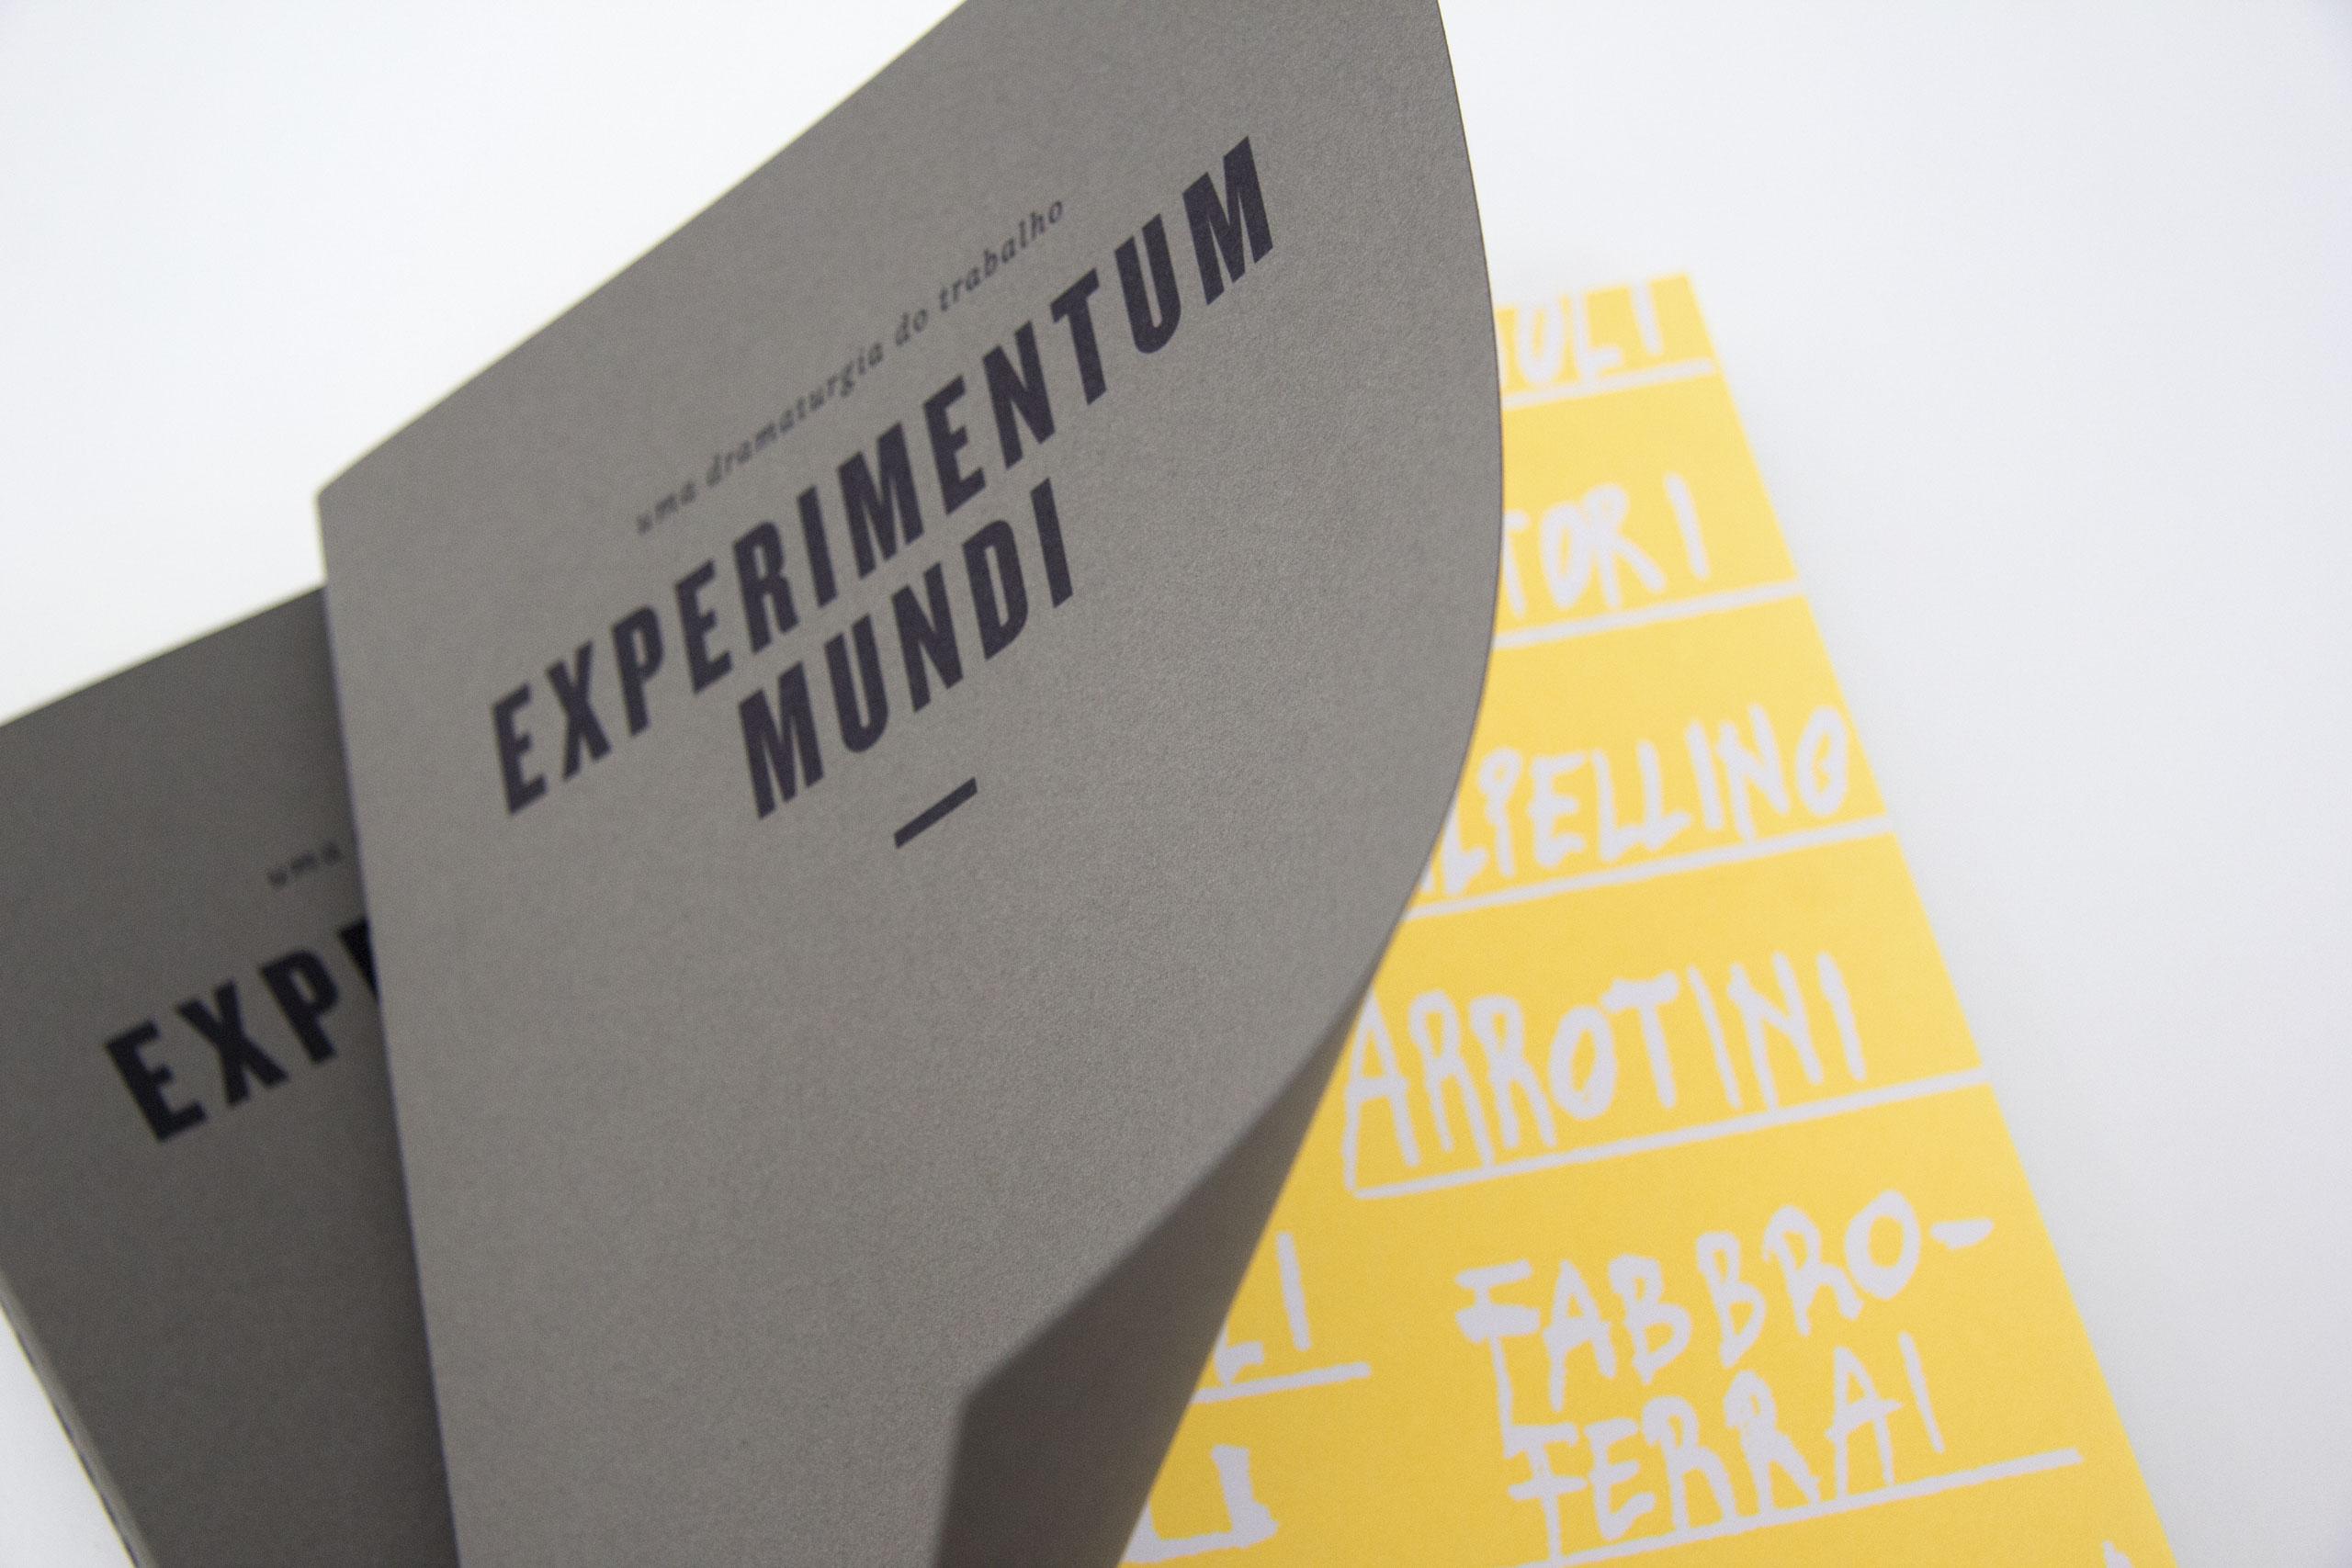 Experimentum-4